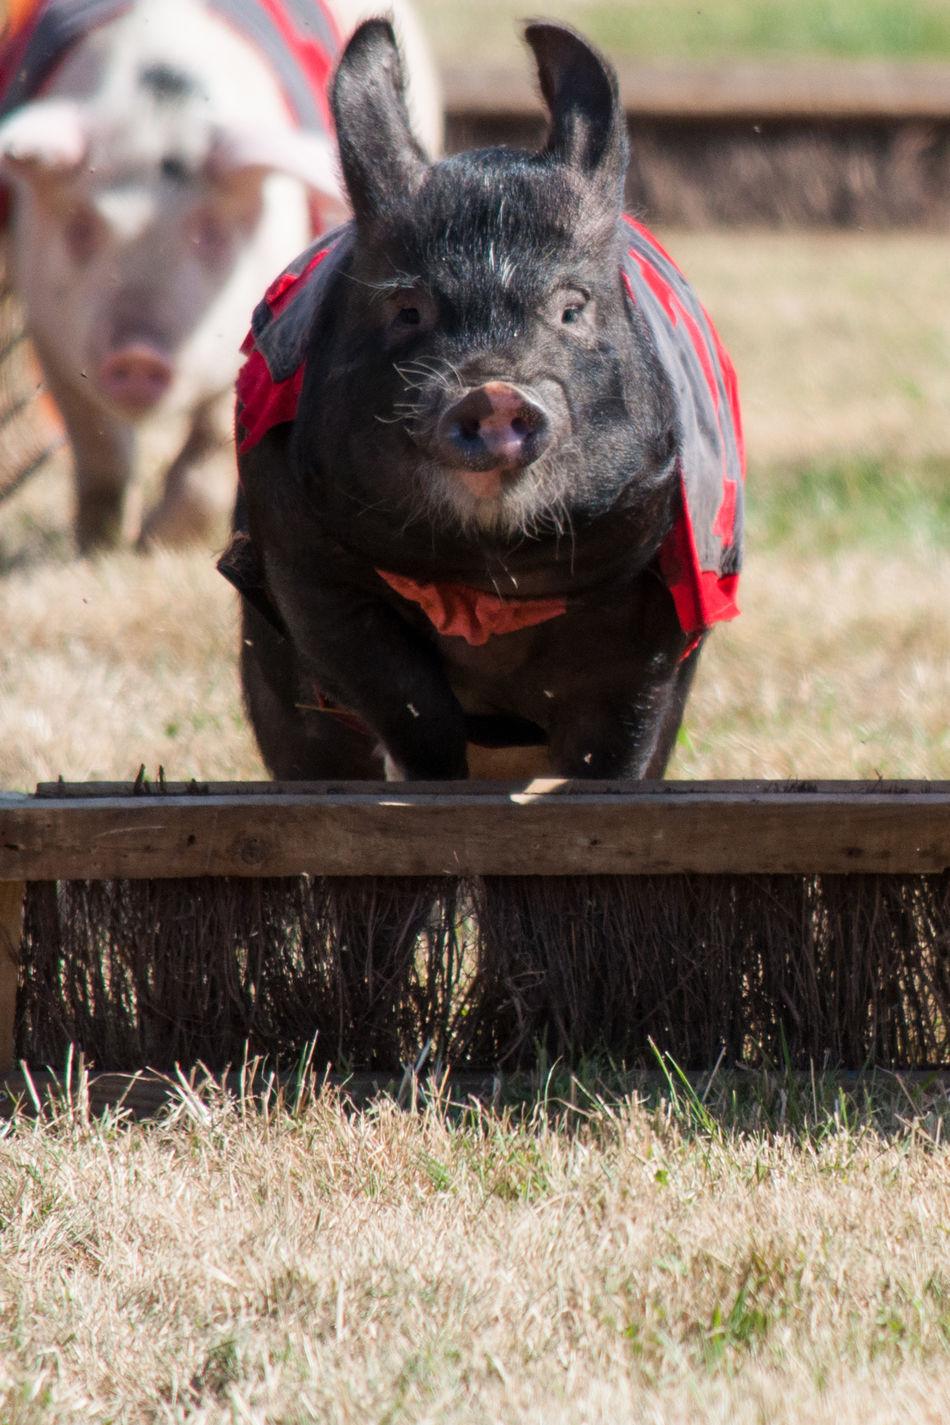 Pig Racing Jump Jumps Mammal Pig Pig Races Pigs PIGS!! Pigs♥ Race Racing Speed Winner Winning